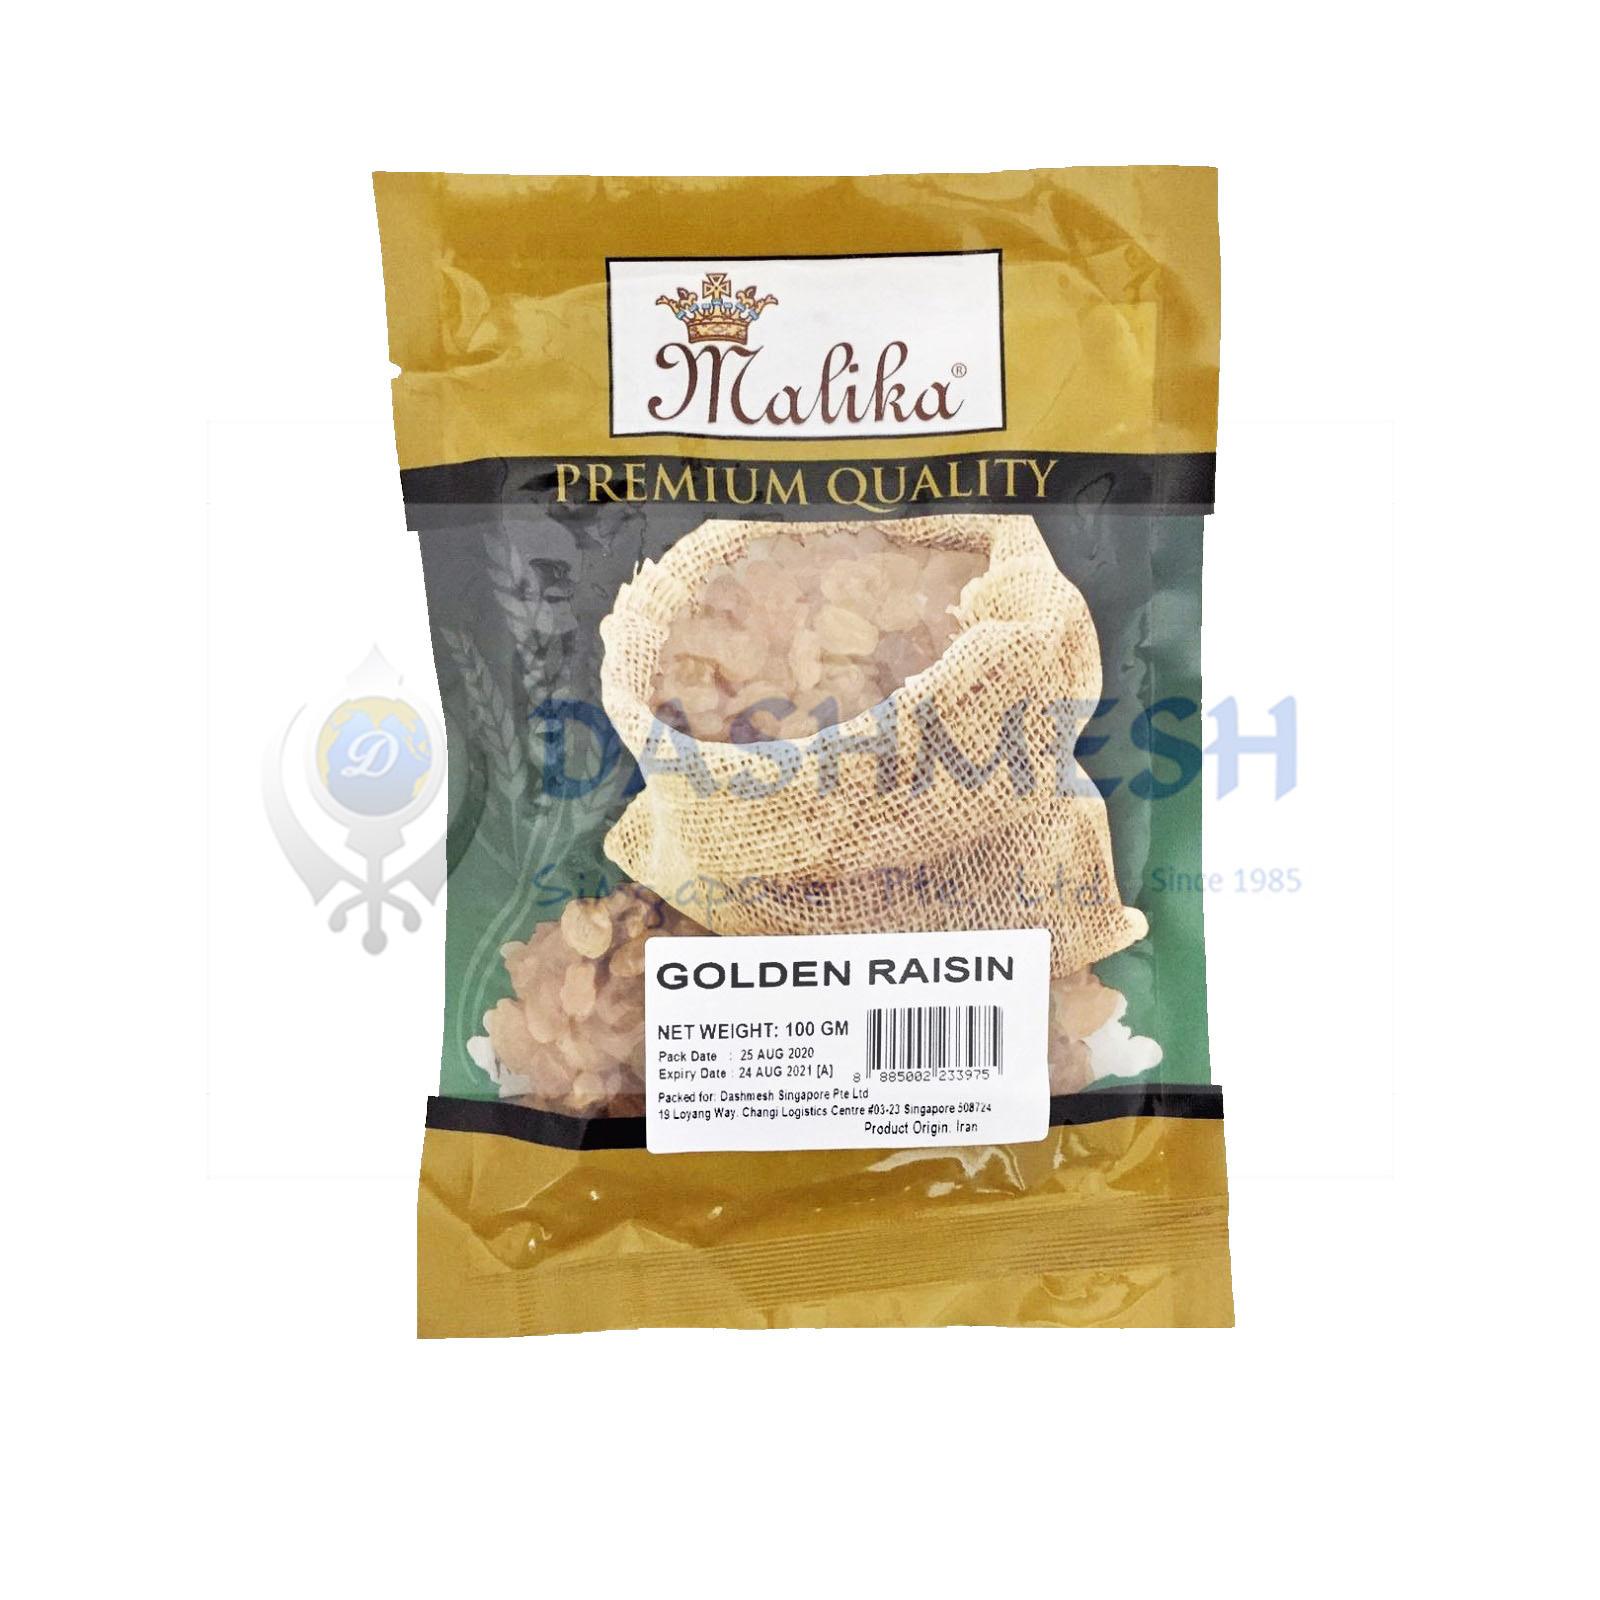 Malika Golden Raisins 100g, 250g & 500g